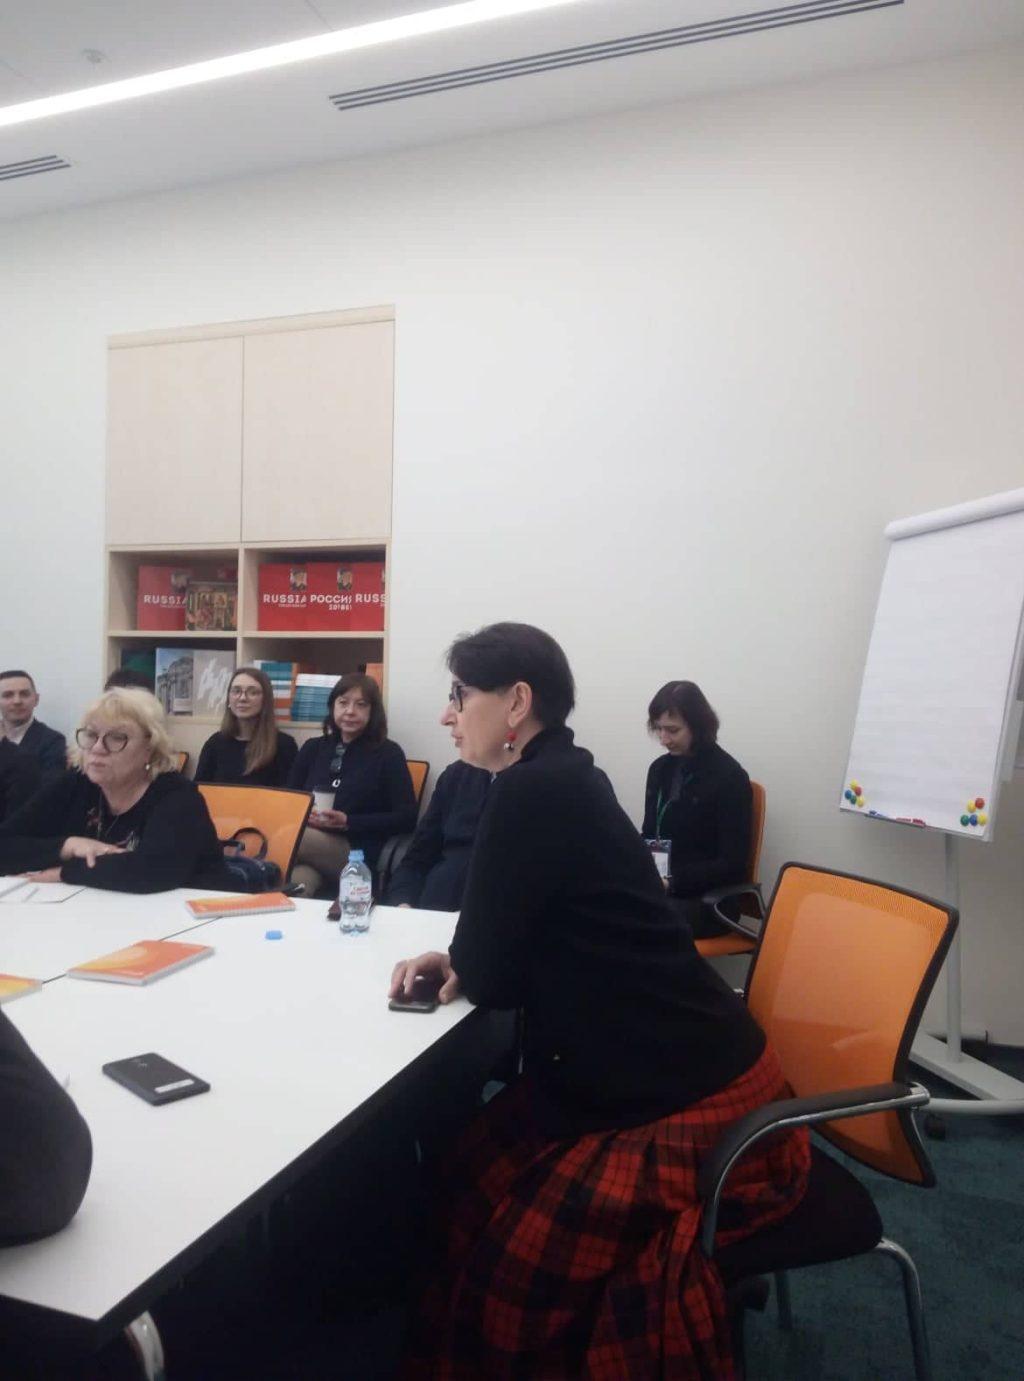 Новый директор WINGS и члены Форума Доноров обсудили тенденции глобальной и региональной филантропии